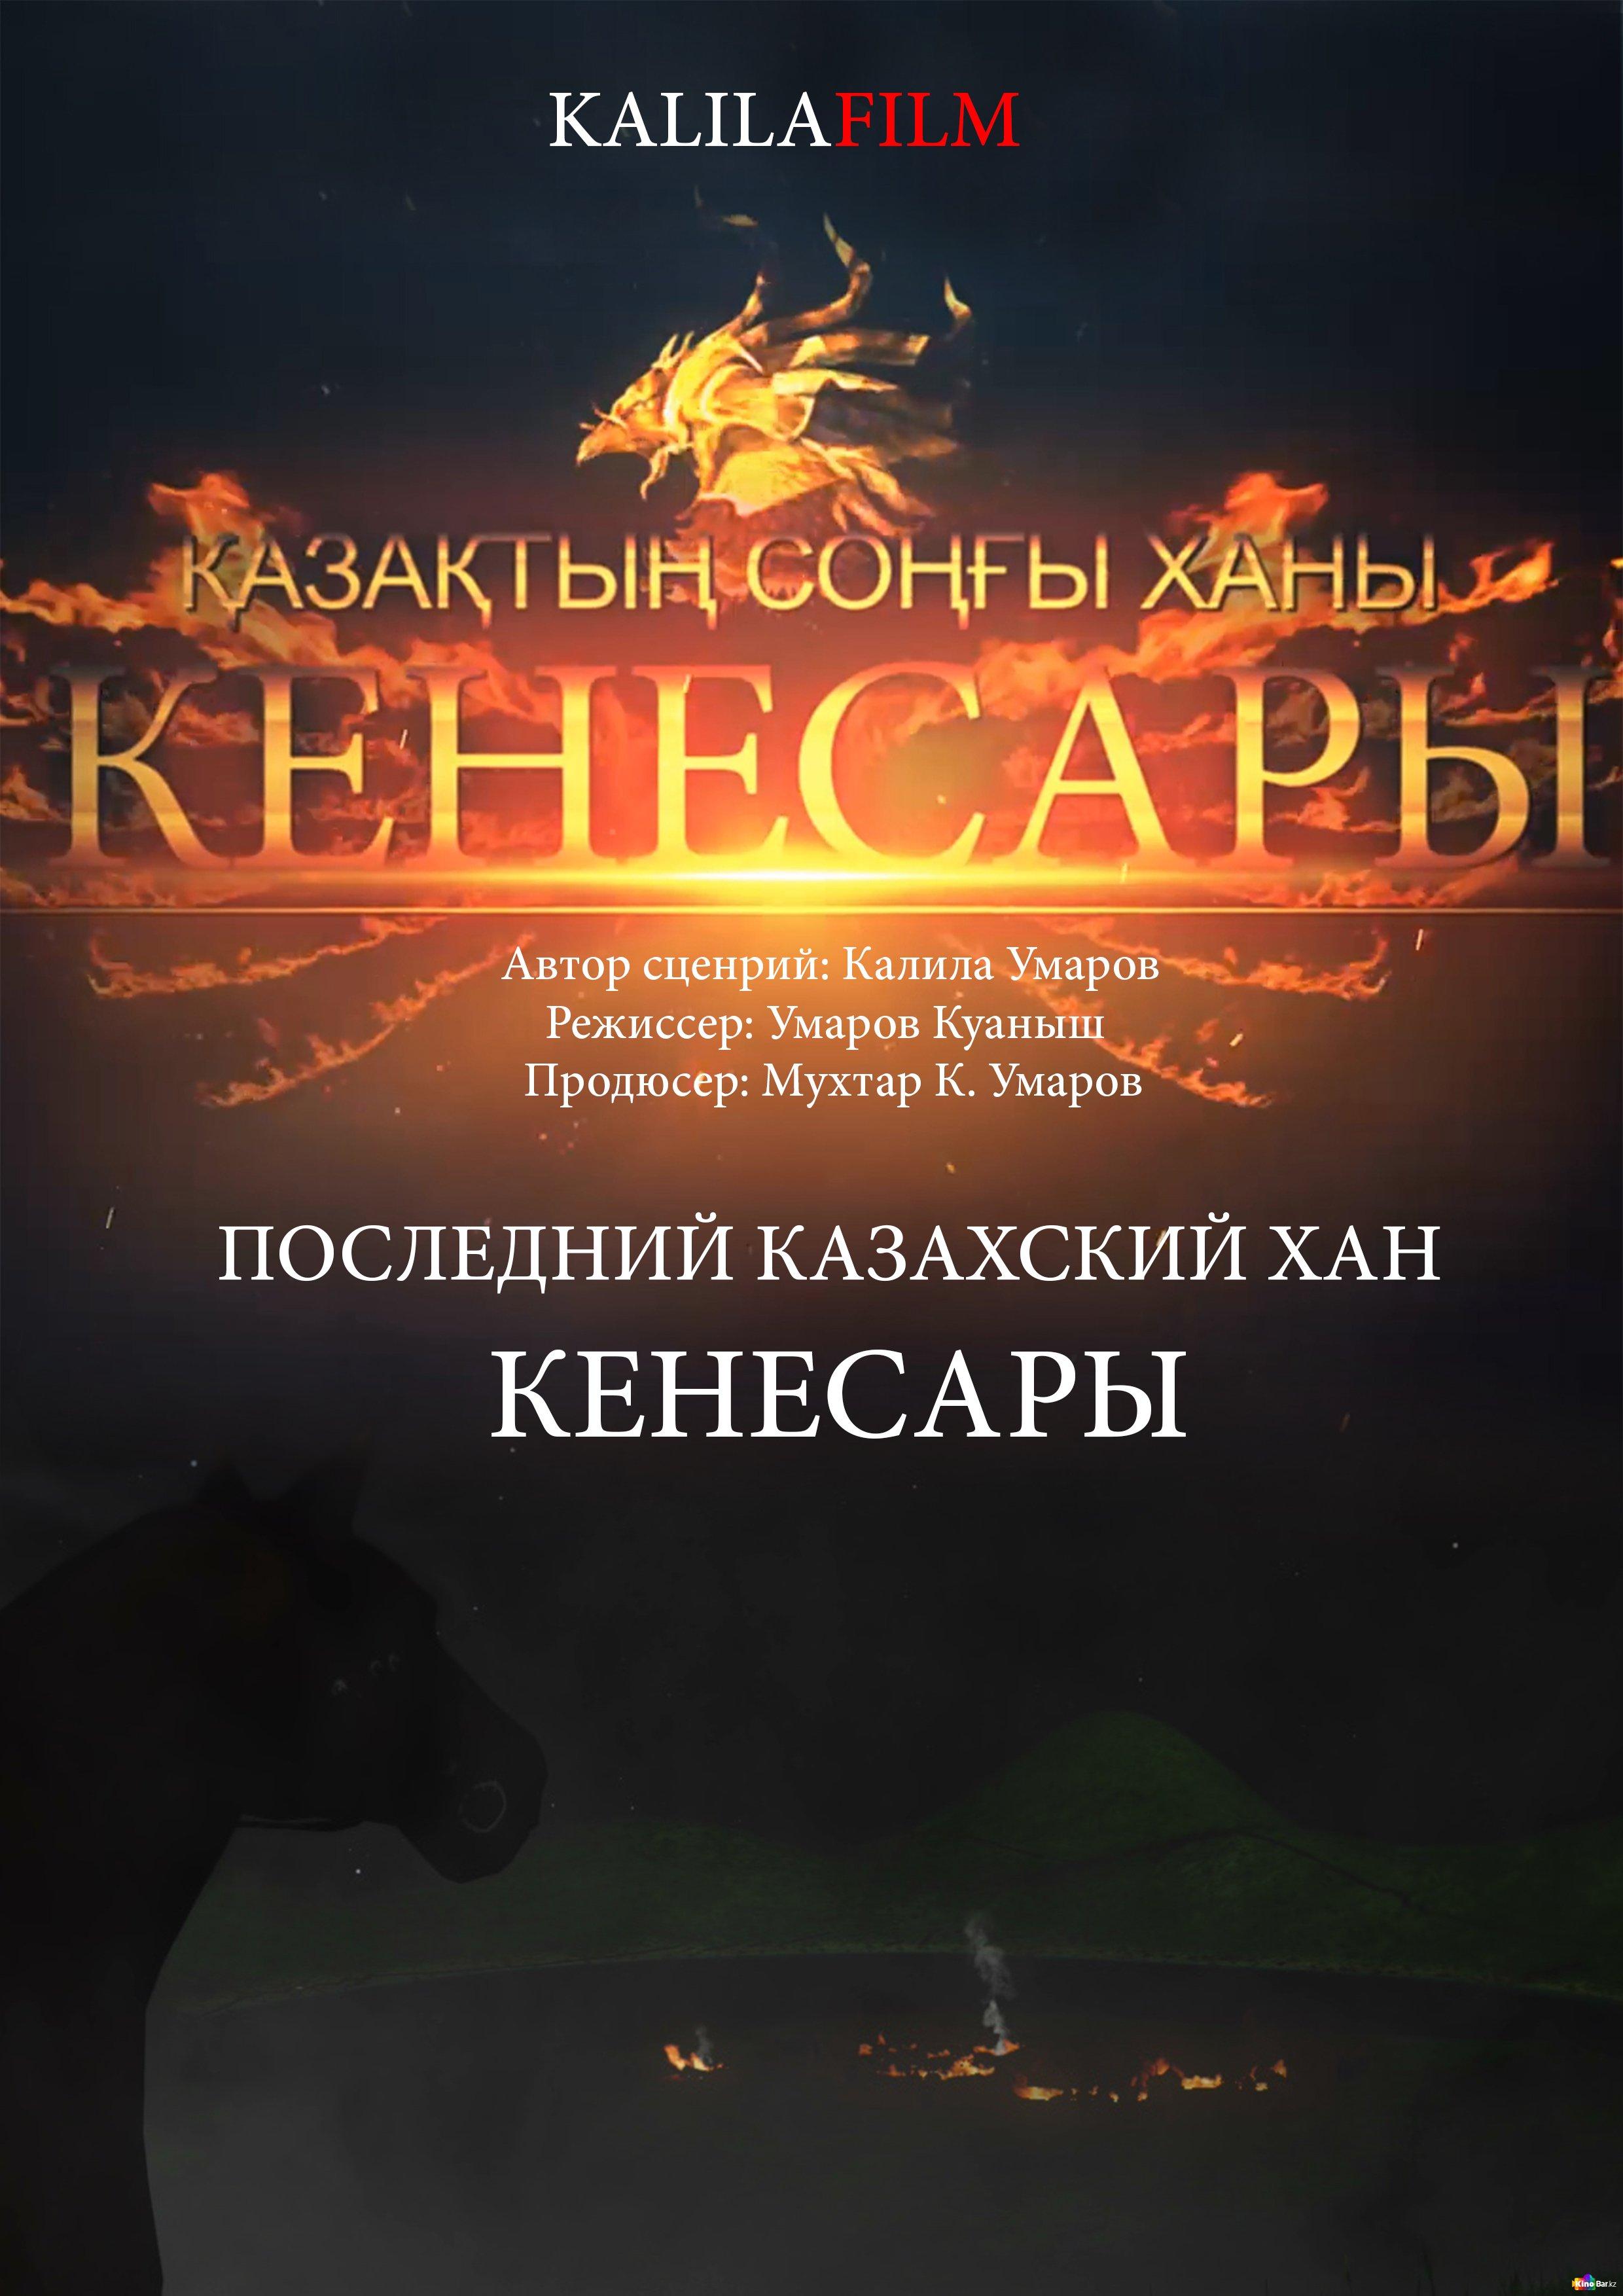 Фильм Қазақтың соңғы ханы Кенесары / Последний казахский хан Кенесары смотреть онлайн